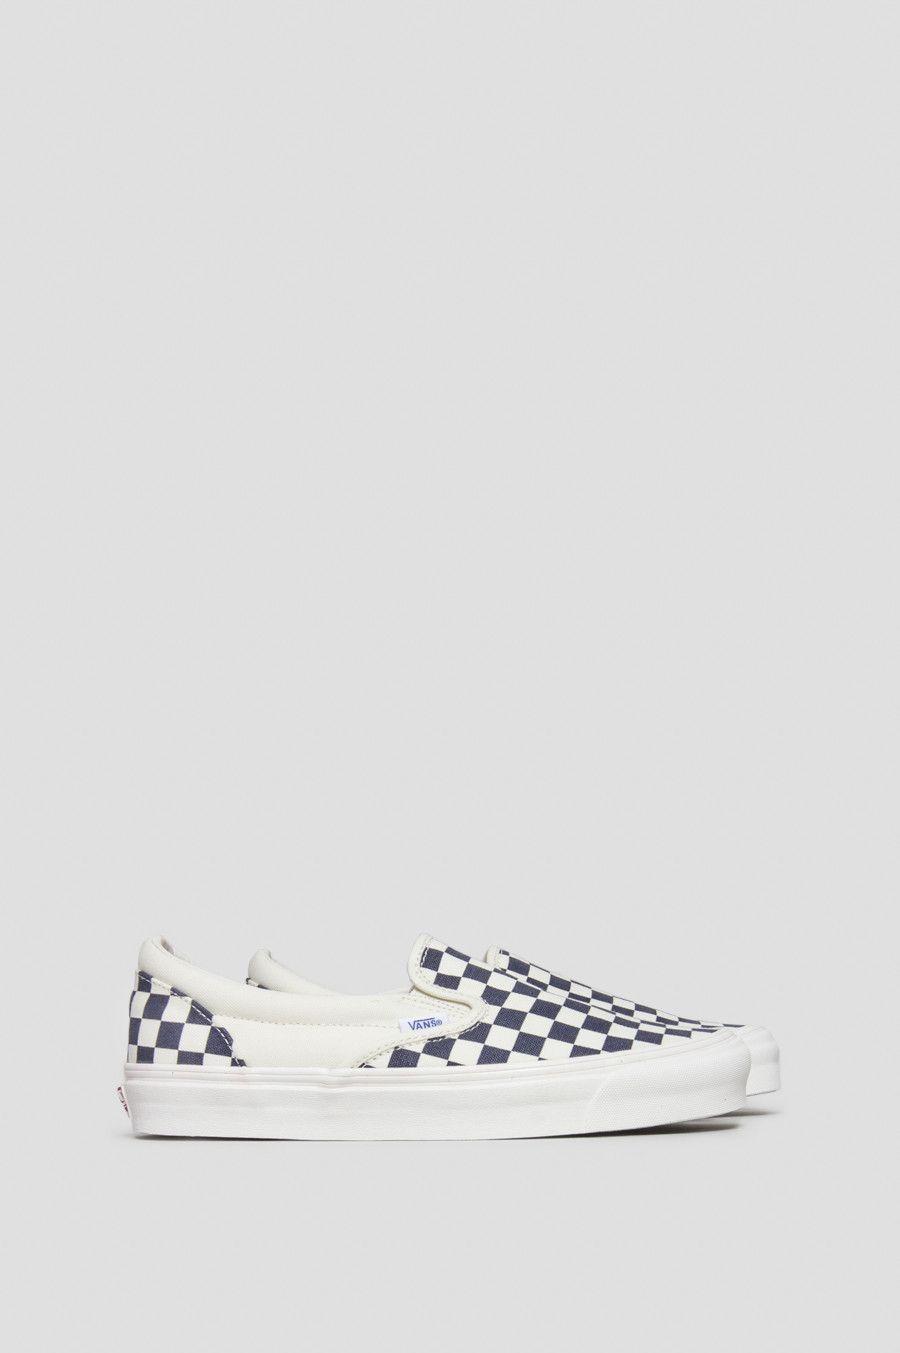 vans vault og classic slip on checkerboard white navy